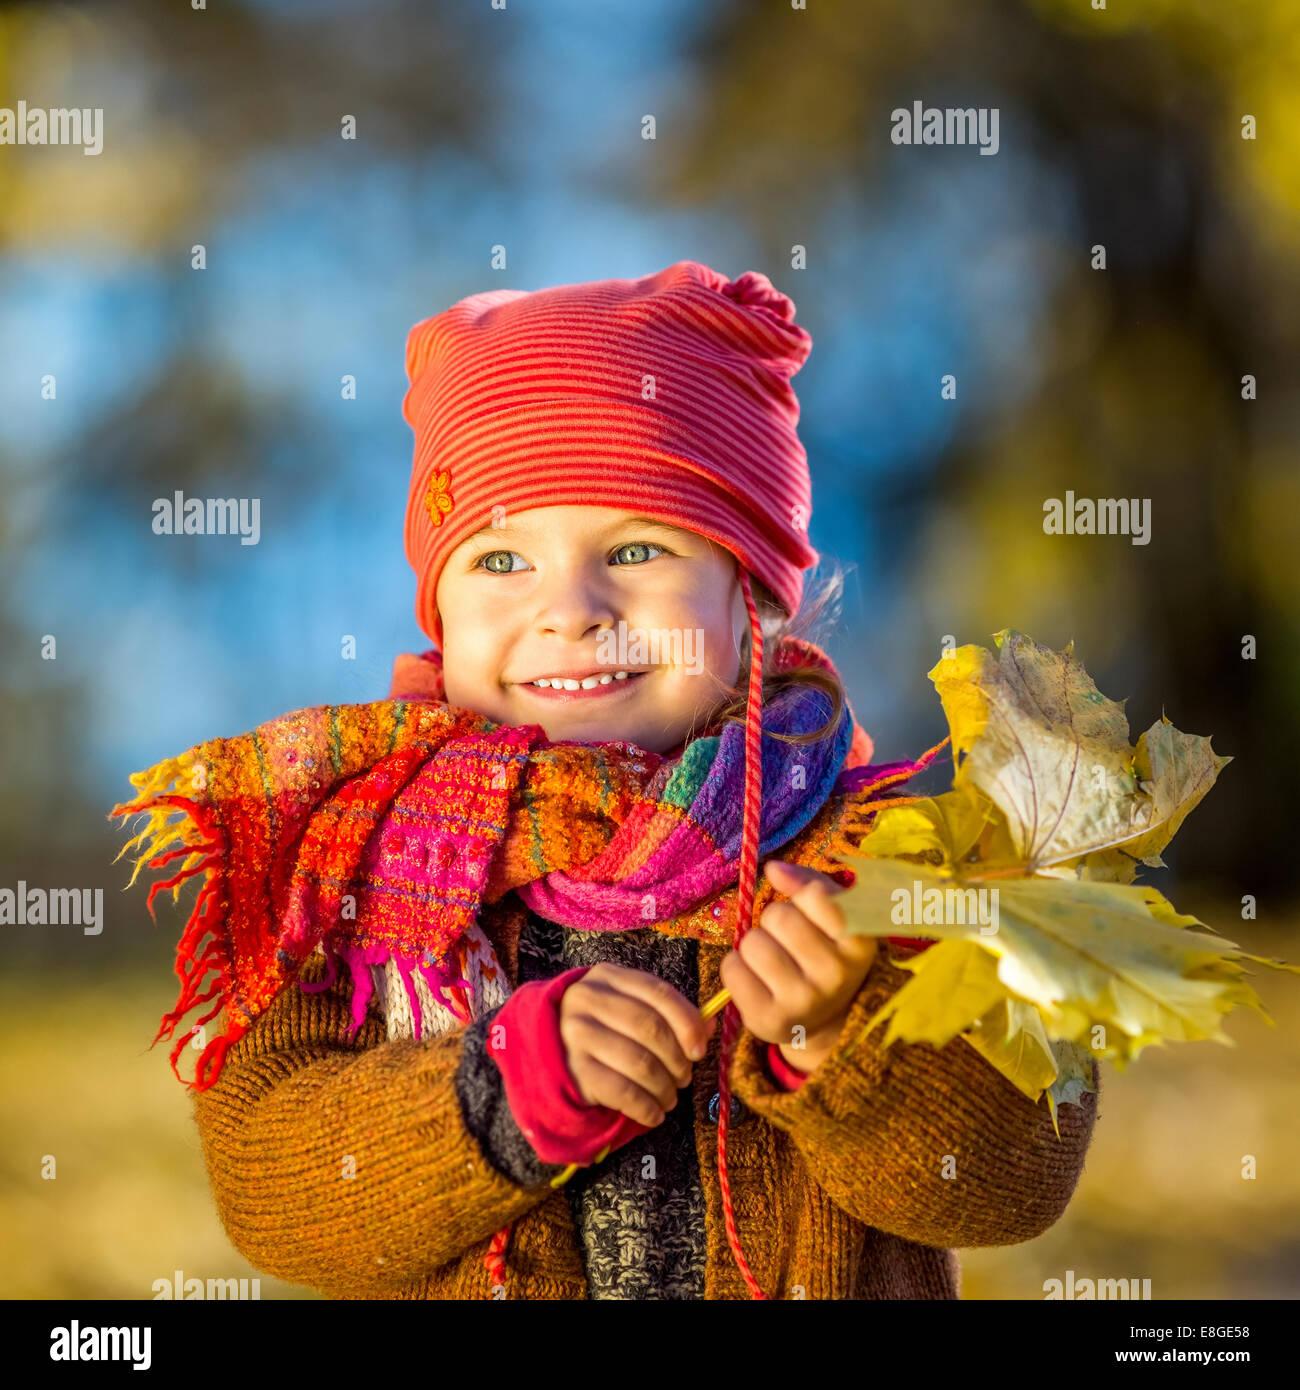 Petite fille jouant avec les feuilles d'automne Photo Stock